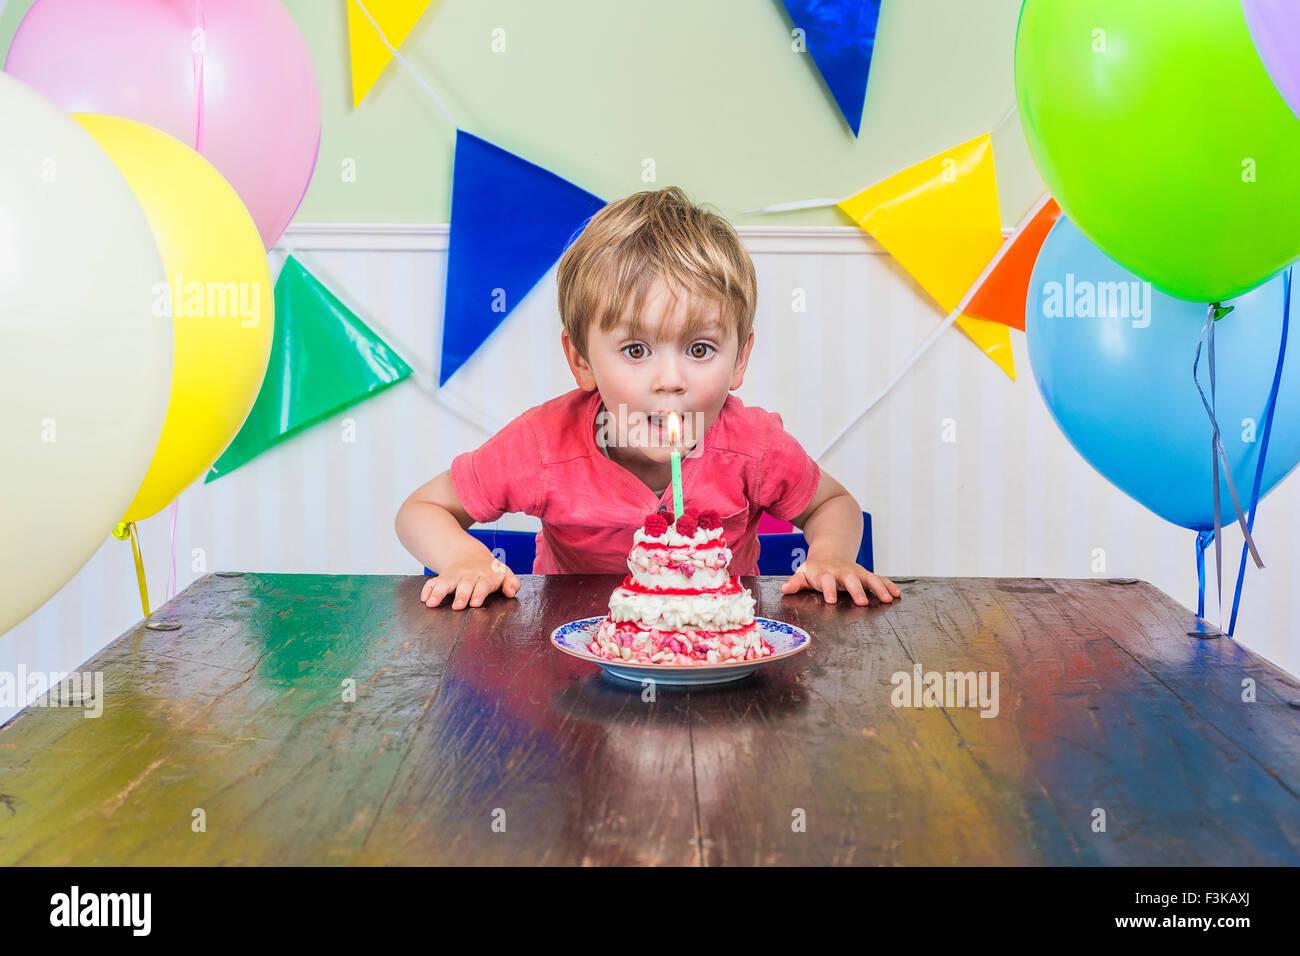 Liebenswert Kind Ausblasen der Kerzen auf seine Geburtstagstorte Stockfoto